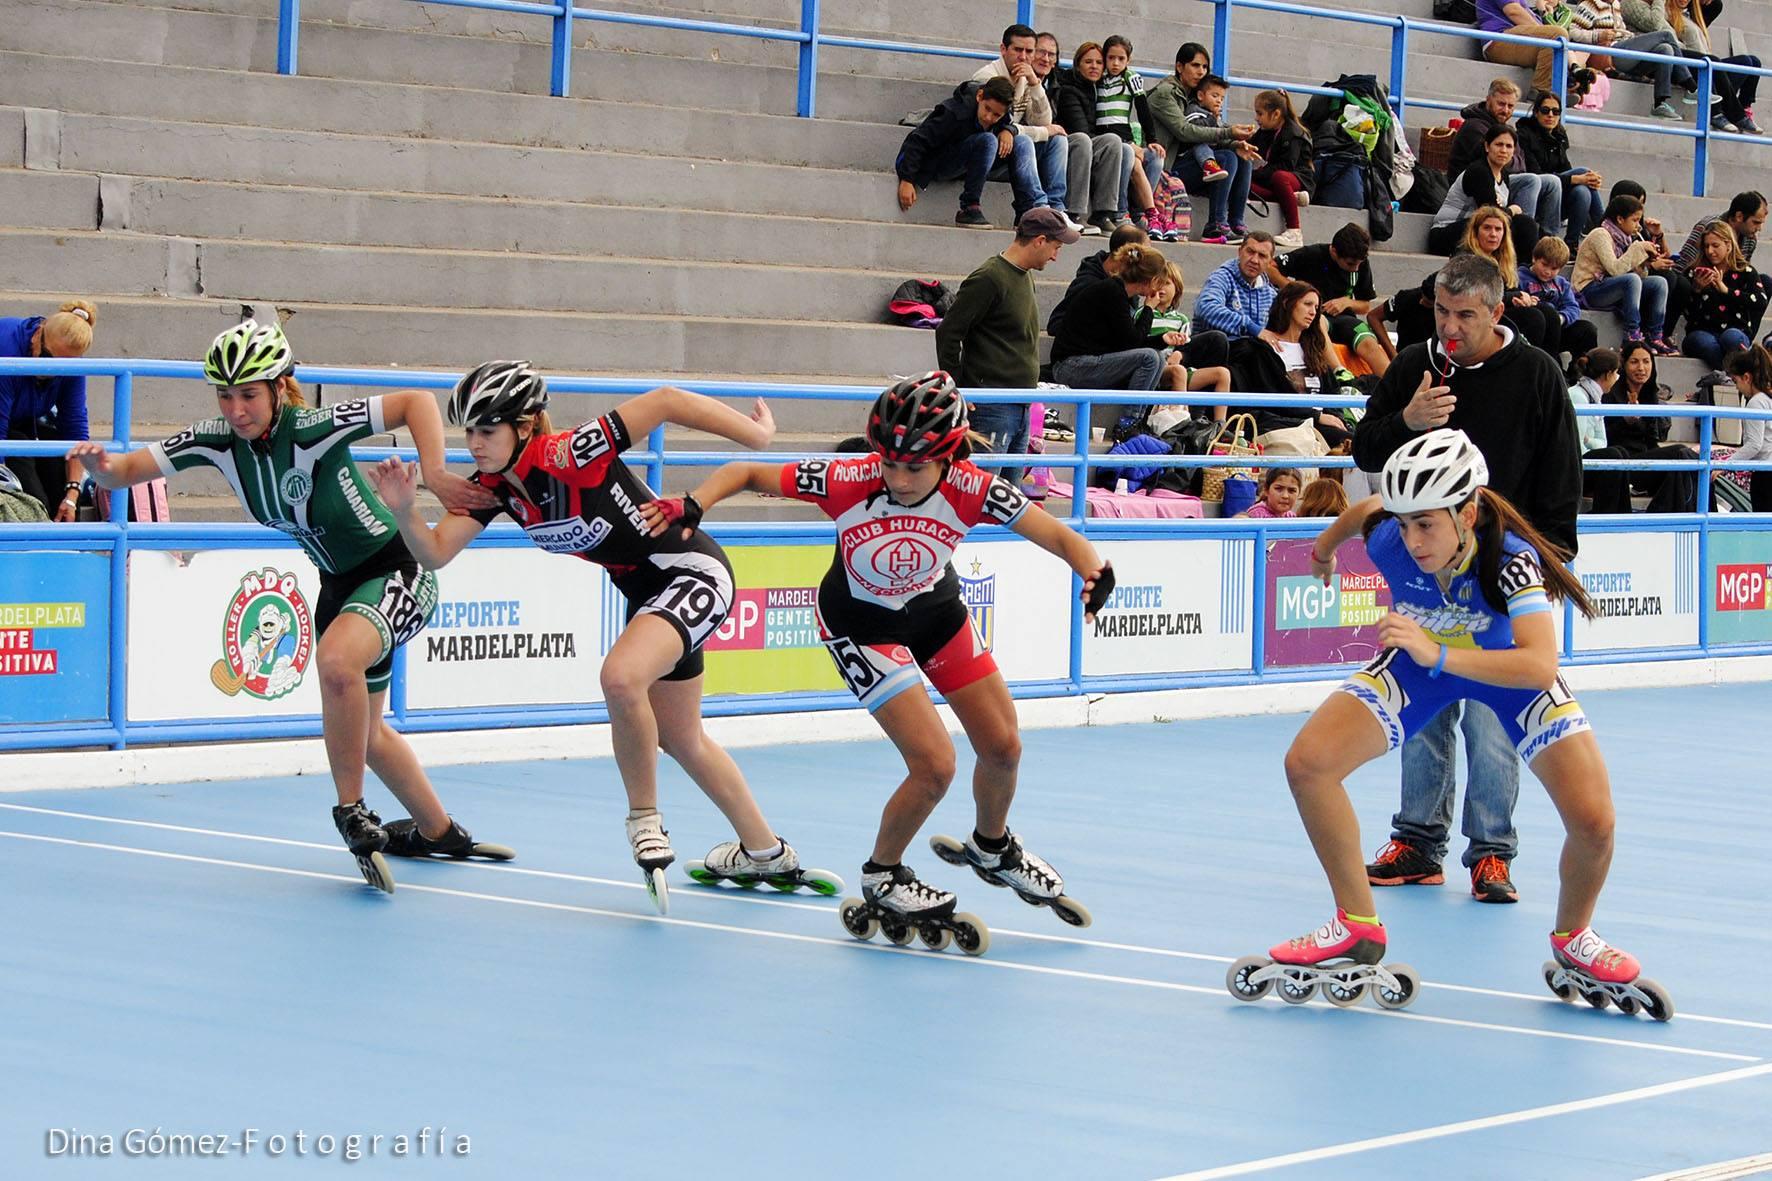 El Torneo Marplatense cumplió con una nueva fecha. (Foto: Dina Gómez)